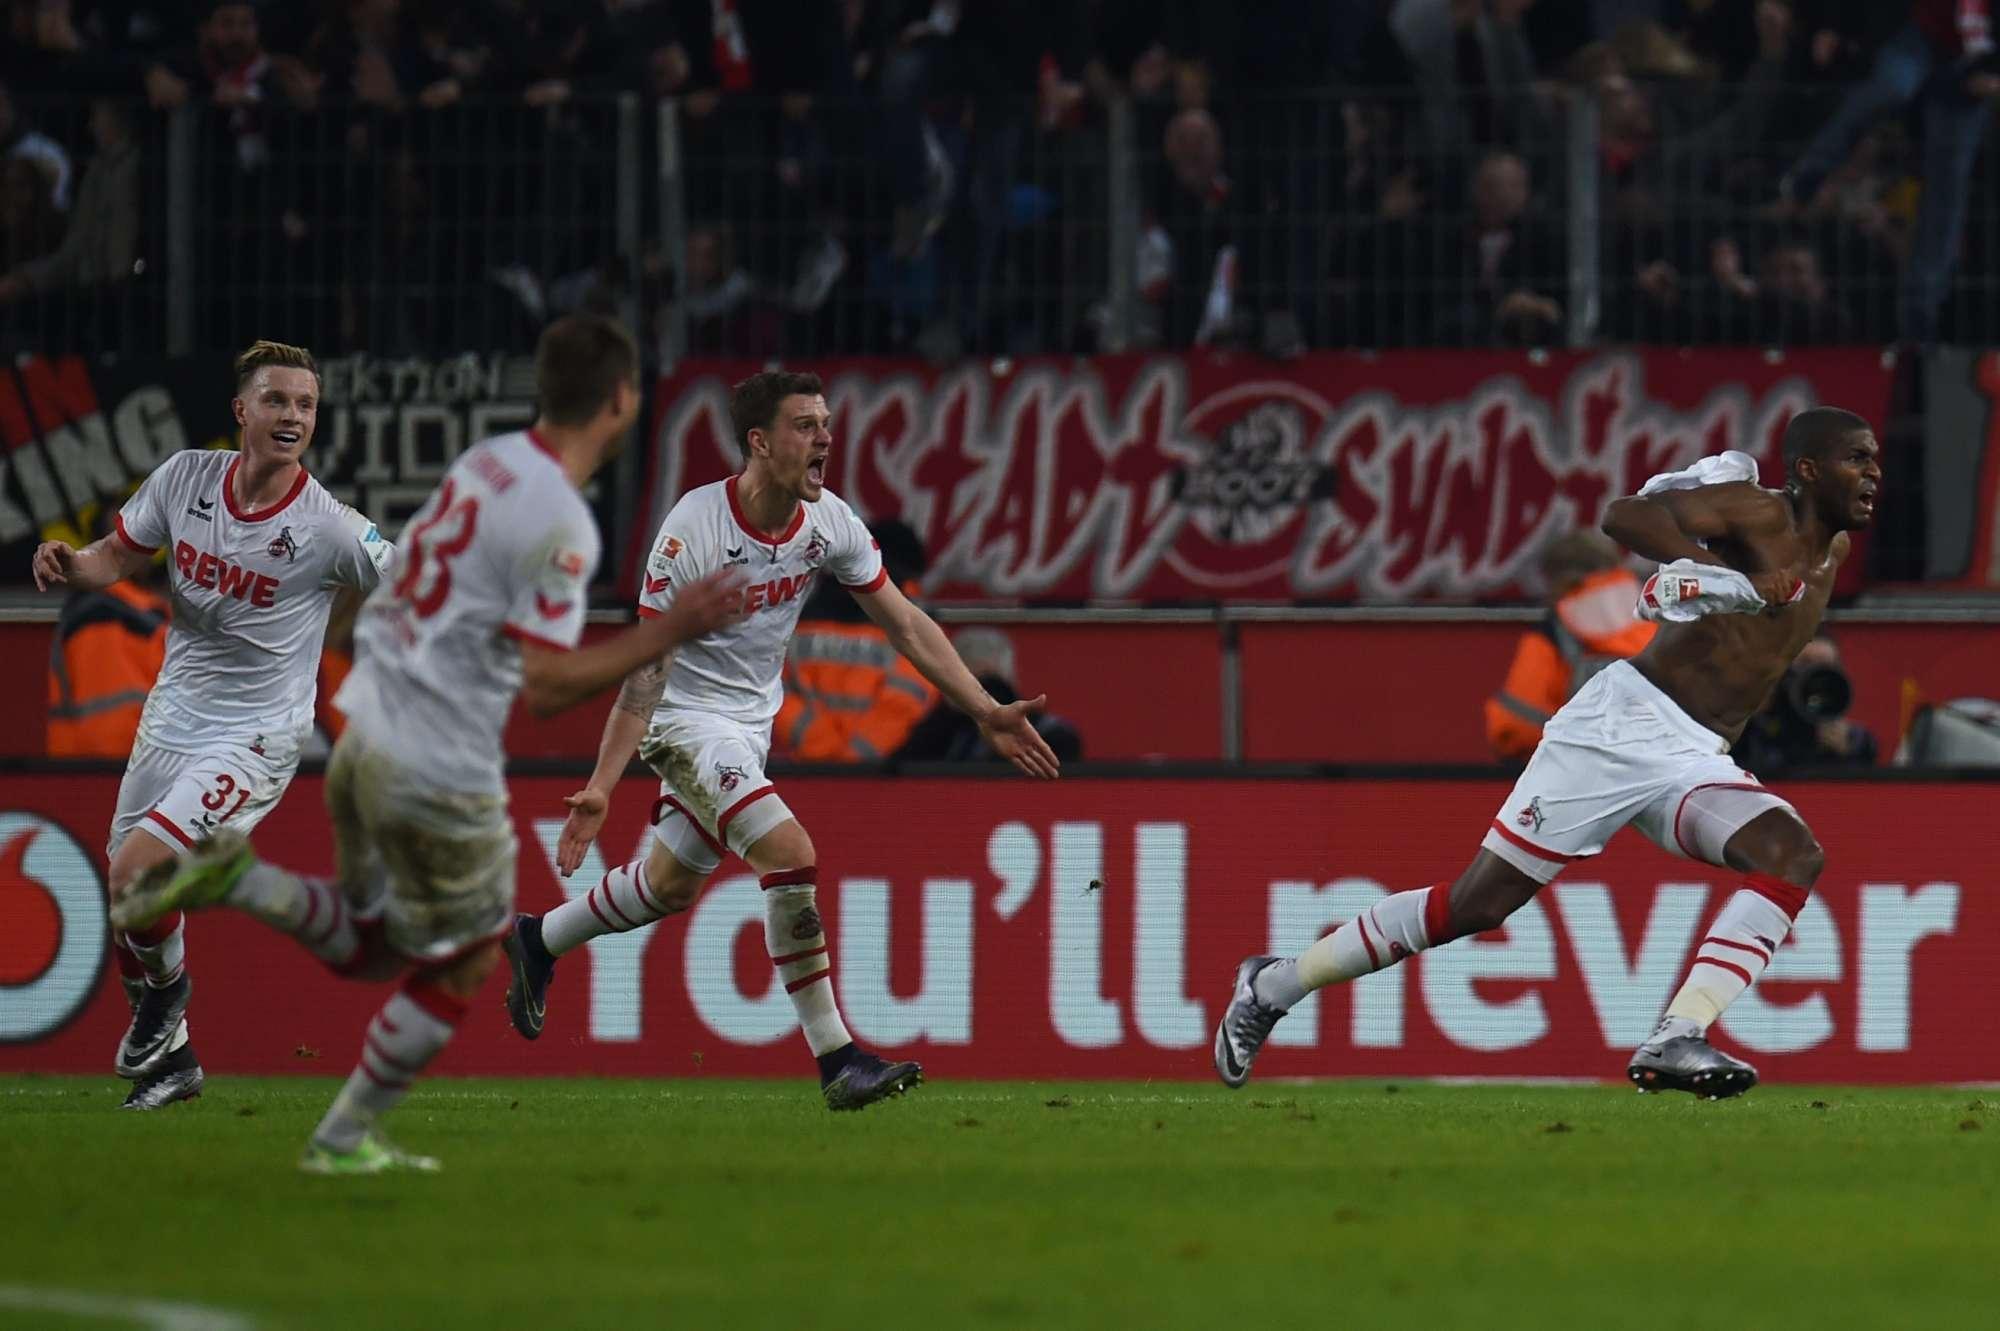 L'esultanza dei giocatori del Colonia dopo il gol vittoria col BorussiaDortmund